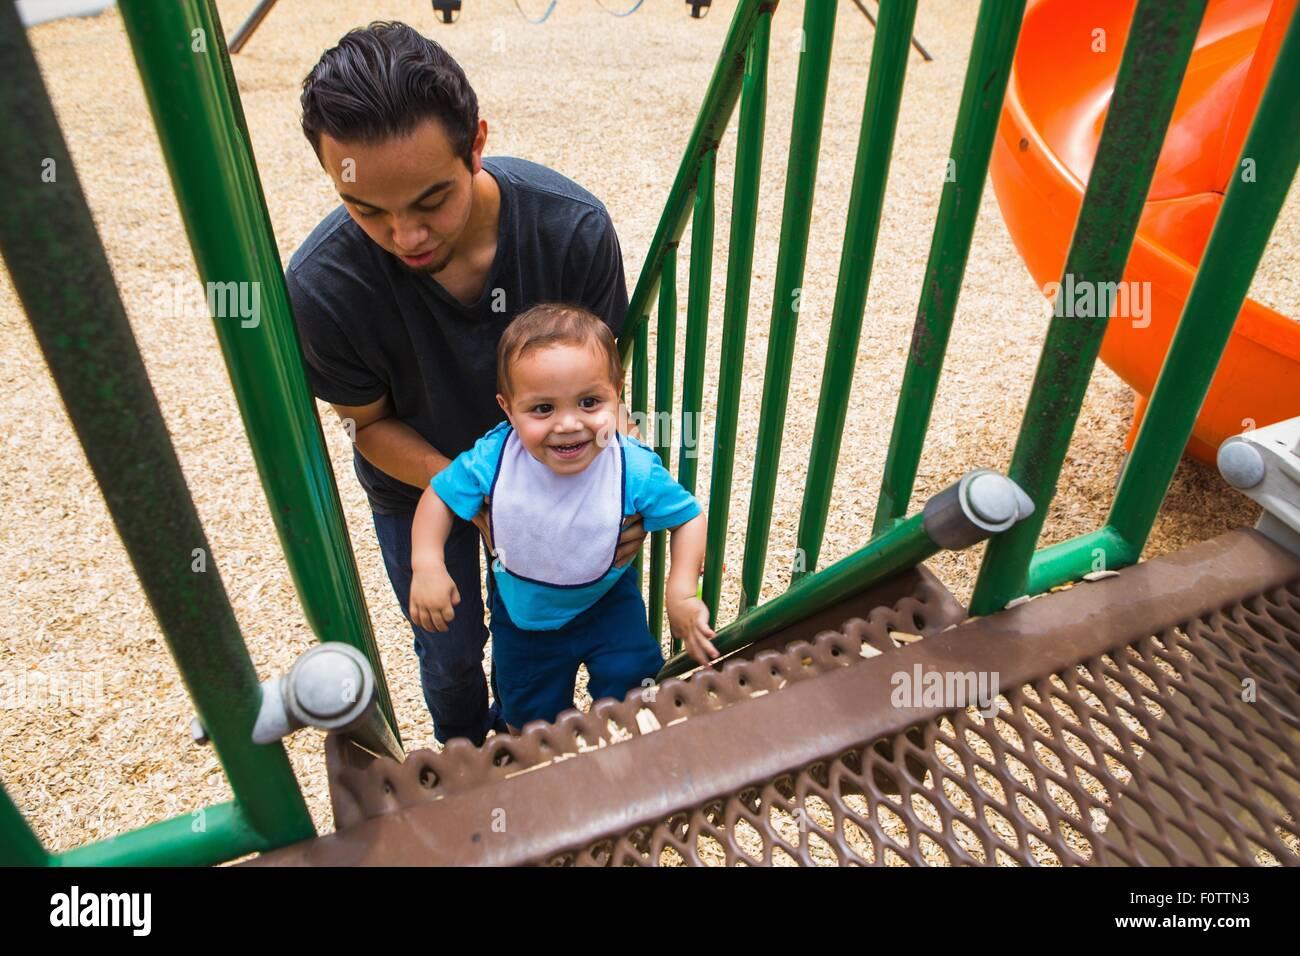 Joven hermano toddler rectores arriba playground deslice pasos Imagen De Stock